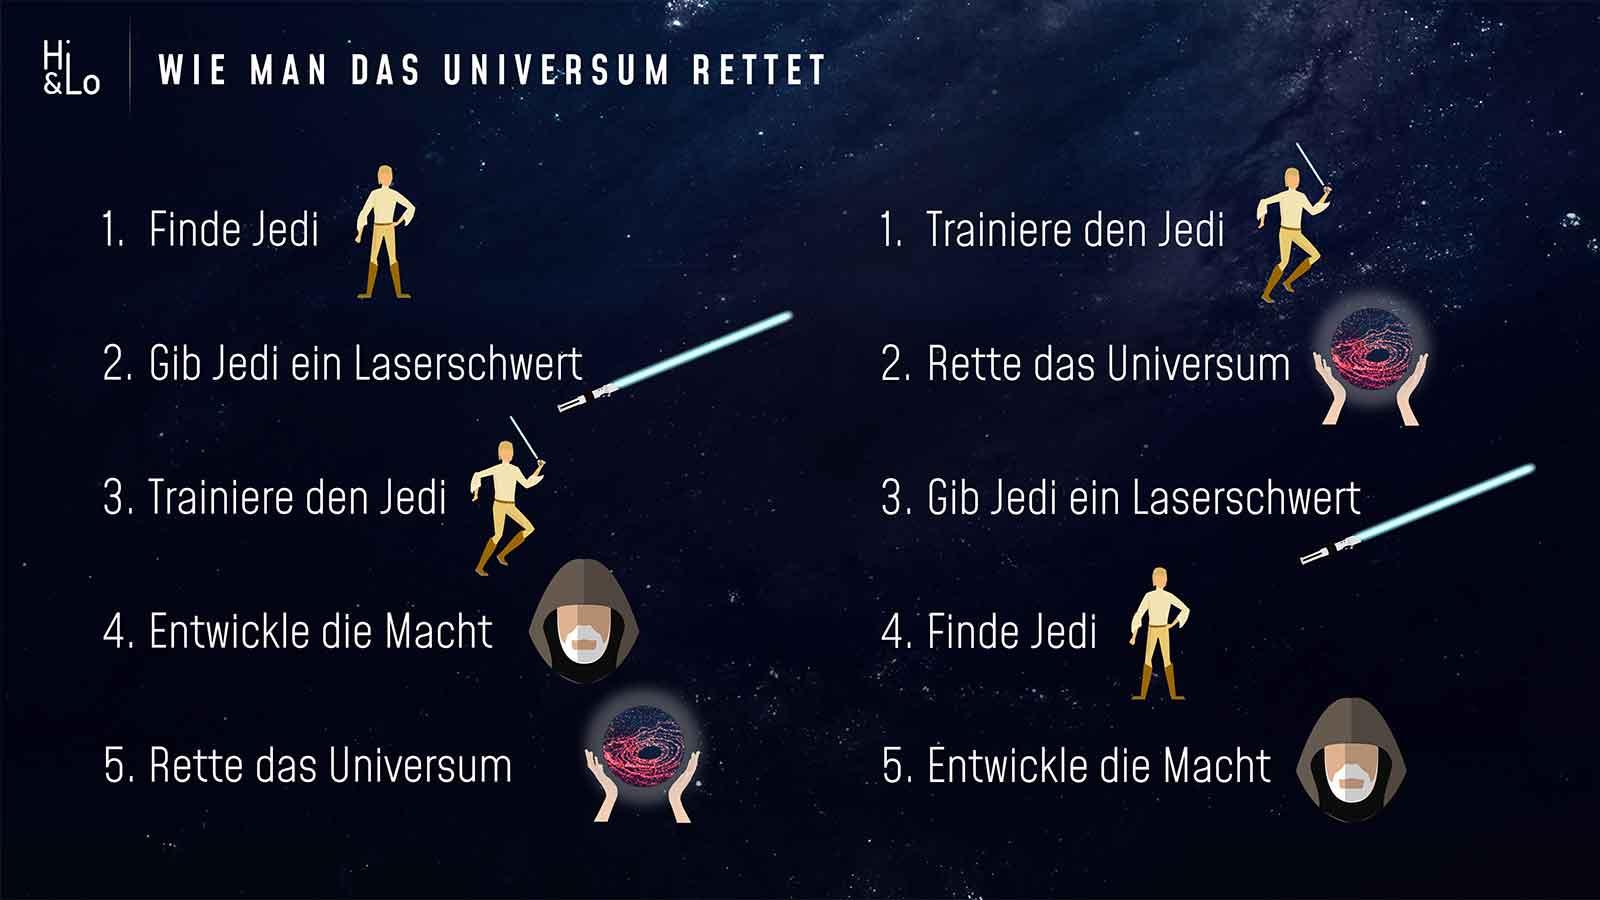 Schaubild wie man das Universum rettet